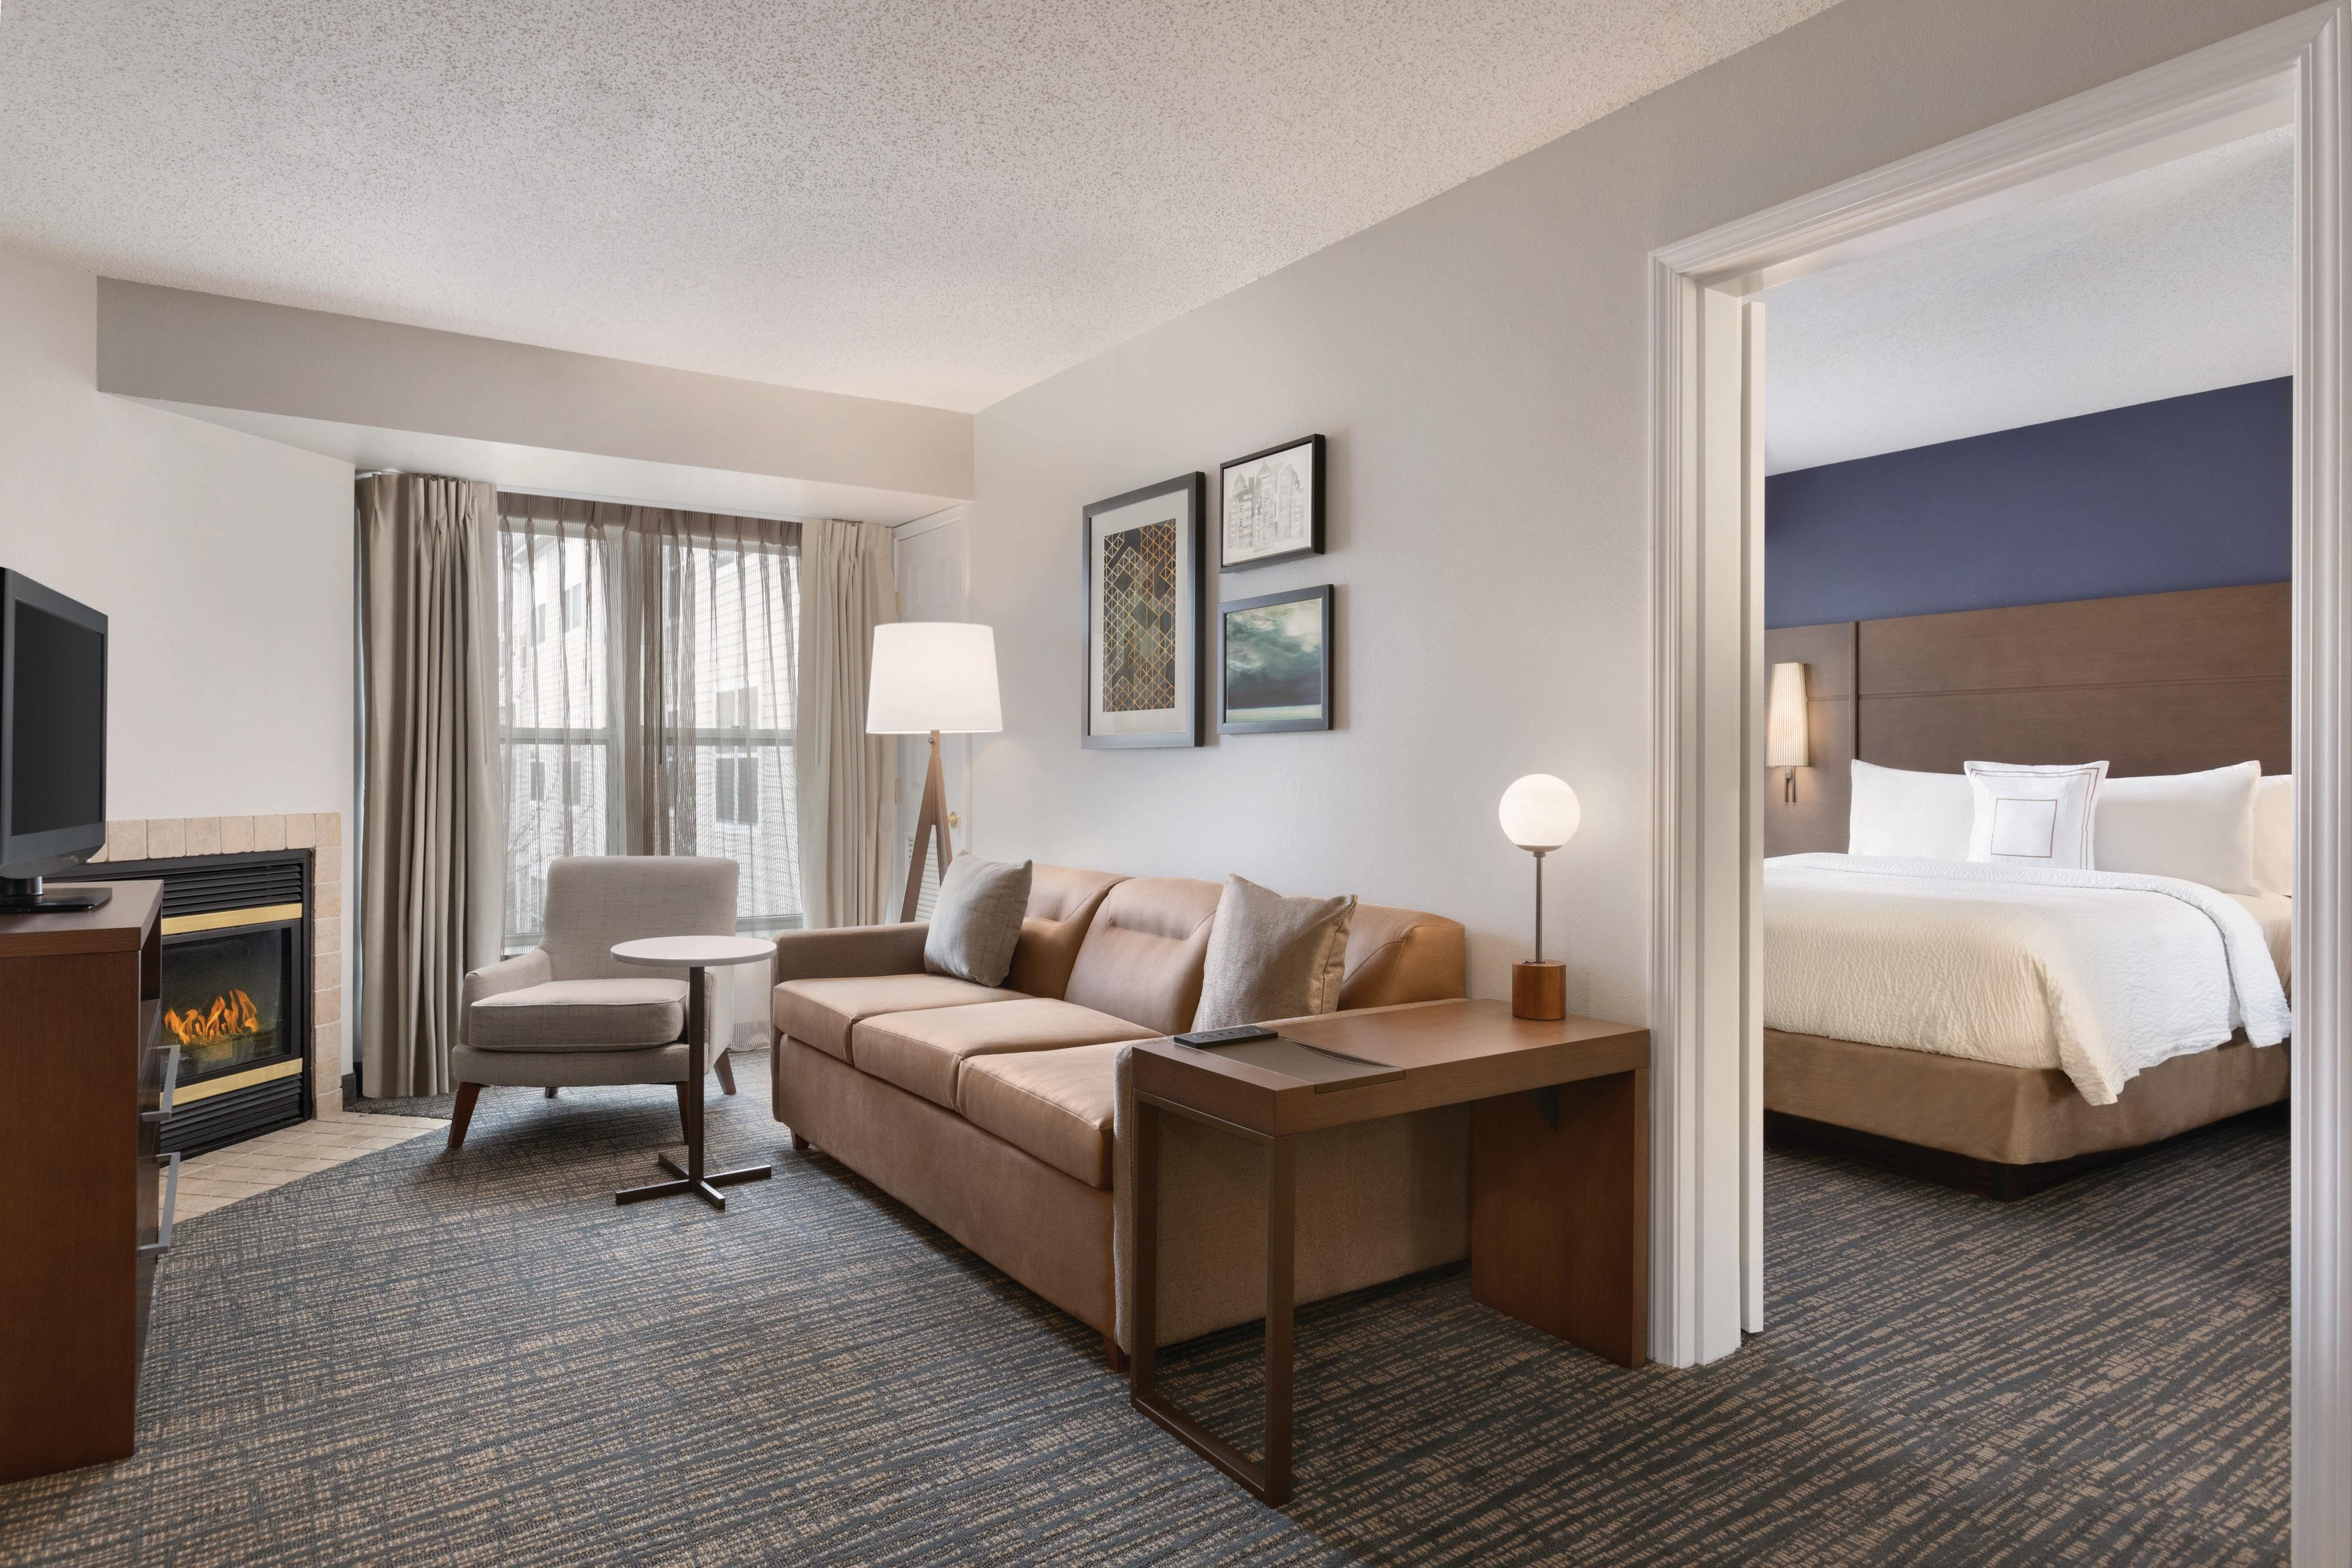 Suite de dos dormitorios - Área de estar